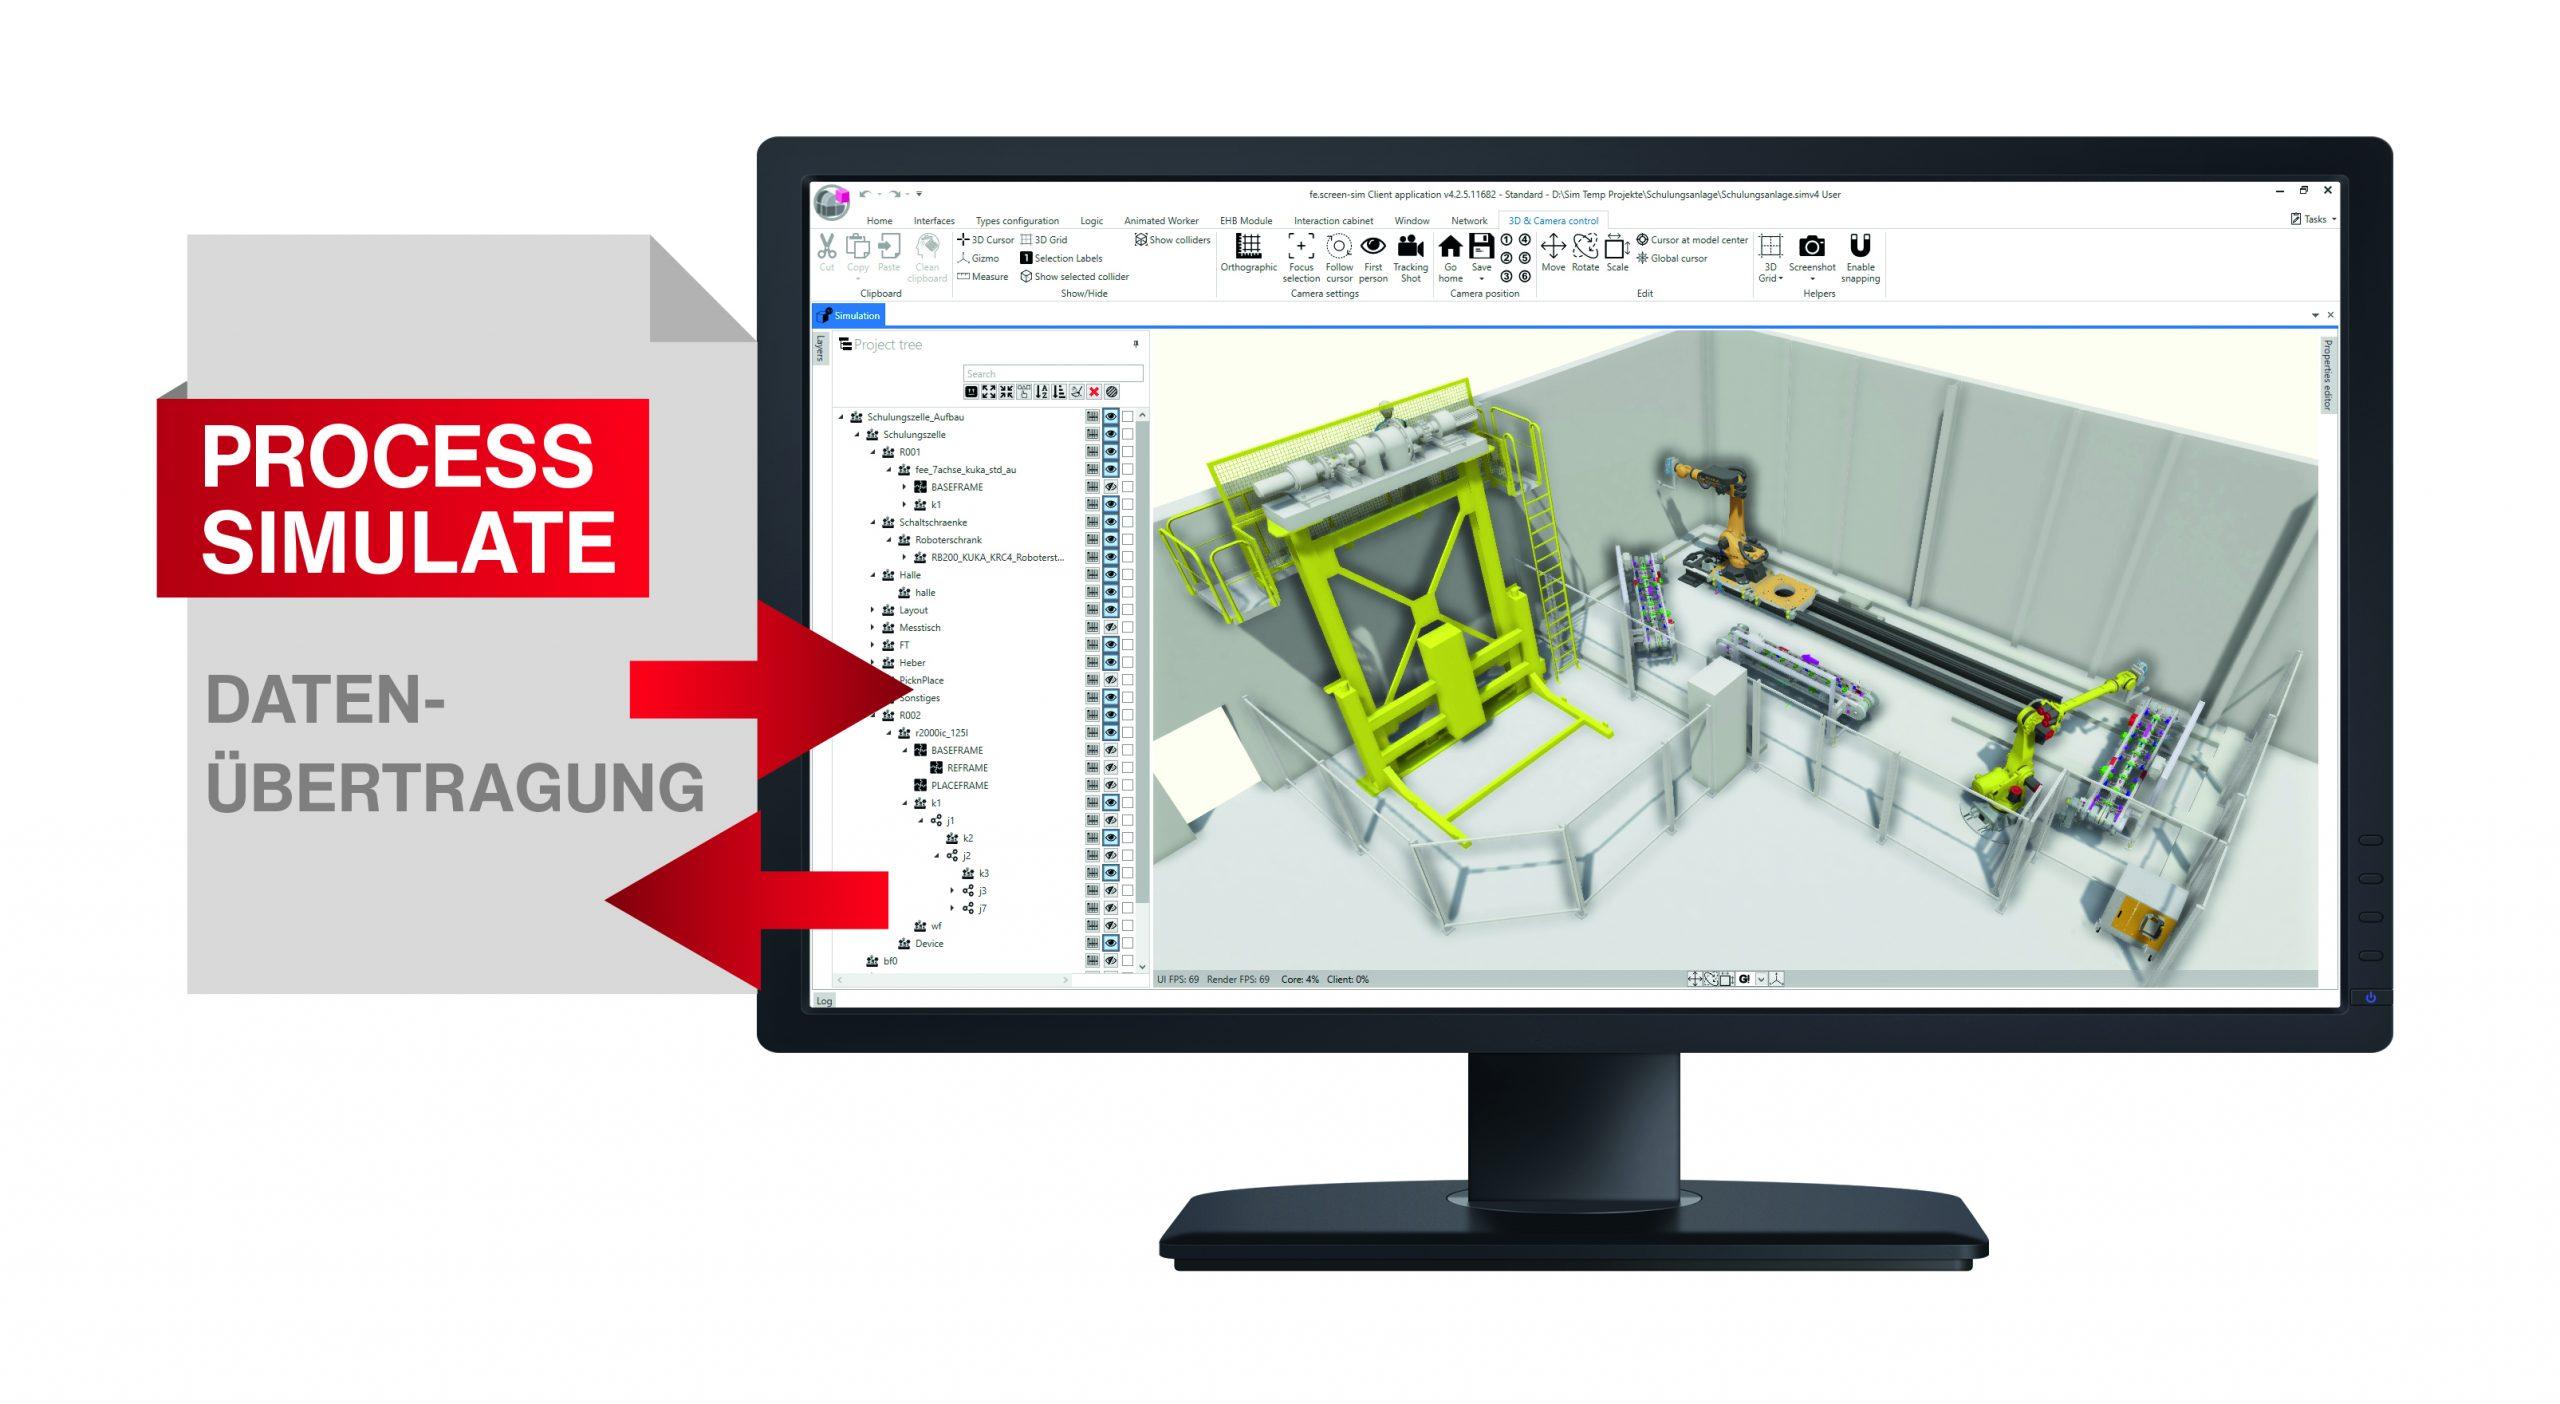 Um Daten durchgängig zur Modellerstellung zu nutzen, muss flexibler Umgang mit Datenquellen und -strukturen möglich sein.(Bild: F.EE Industrieautomation GmbH & Co. KG)